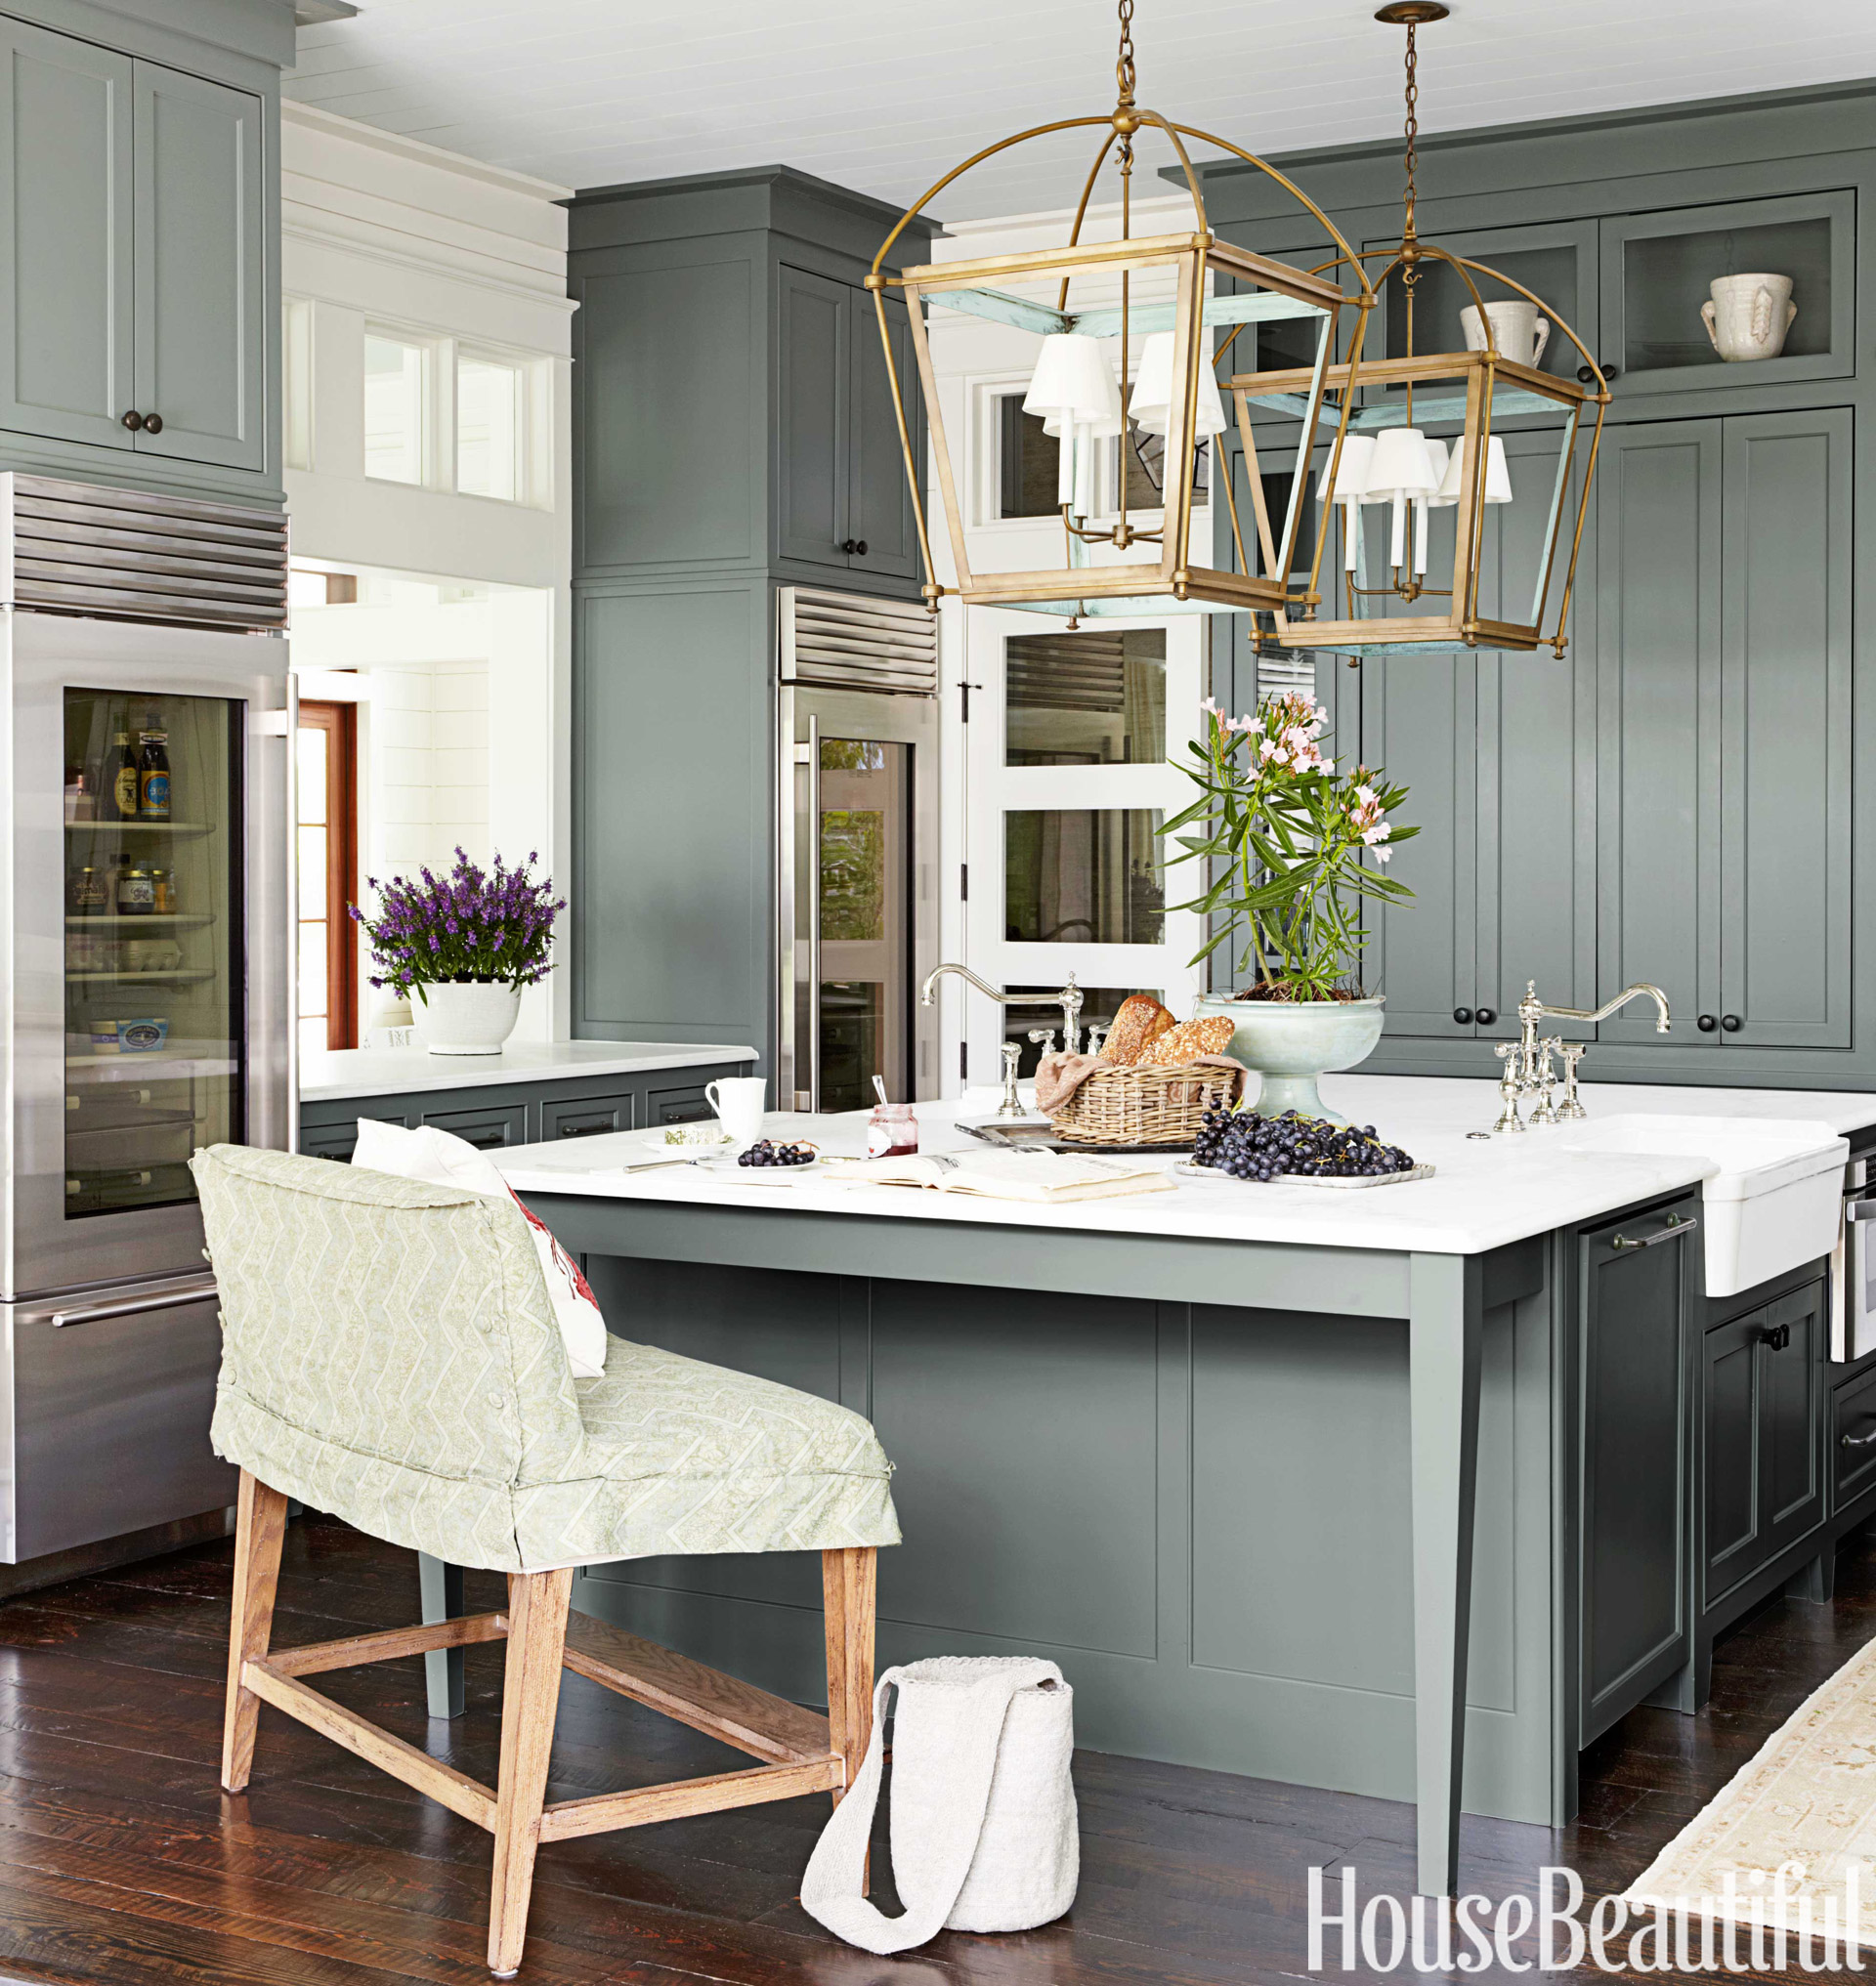 Kitchen Decor Inspiration: Urban Grace Interiors Kitchen